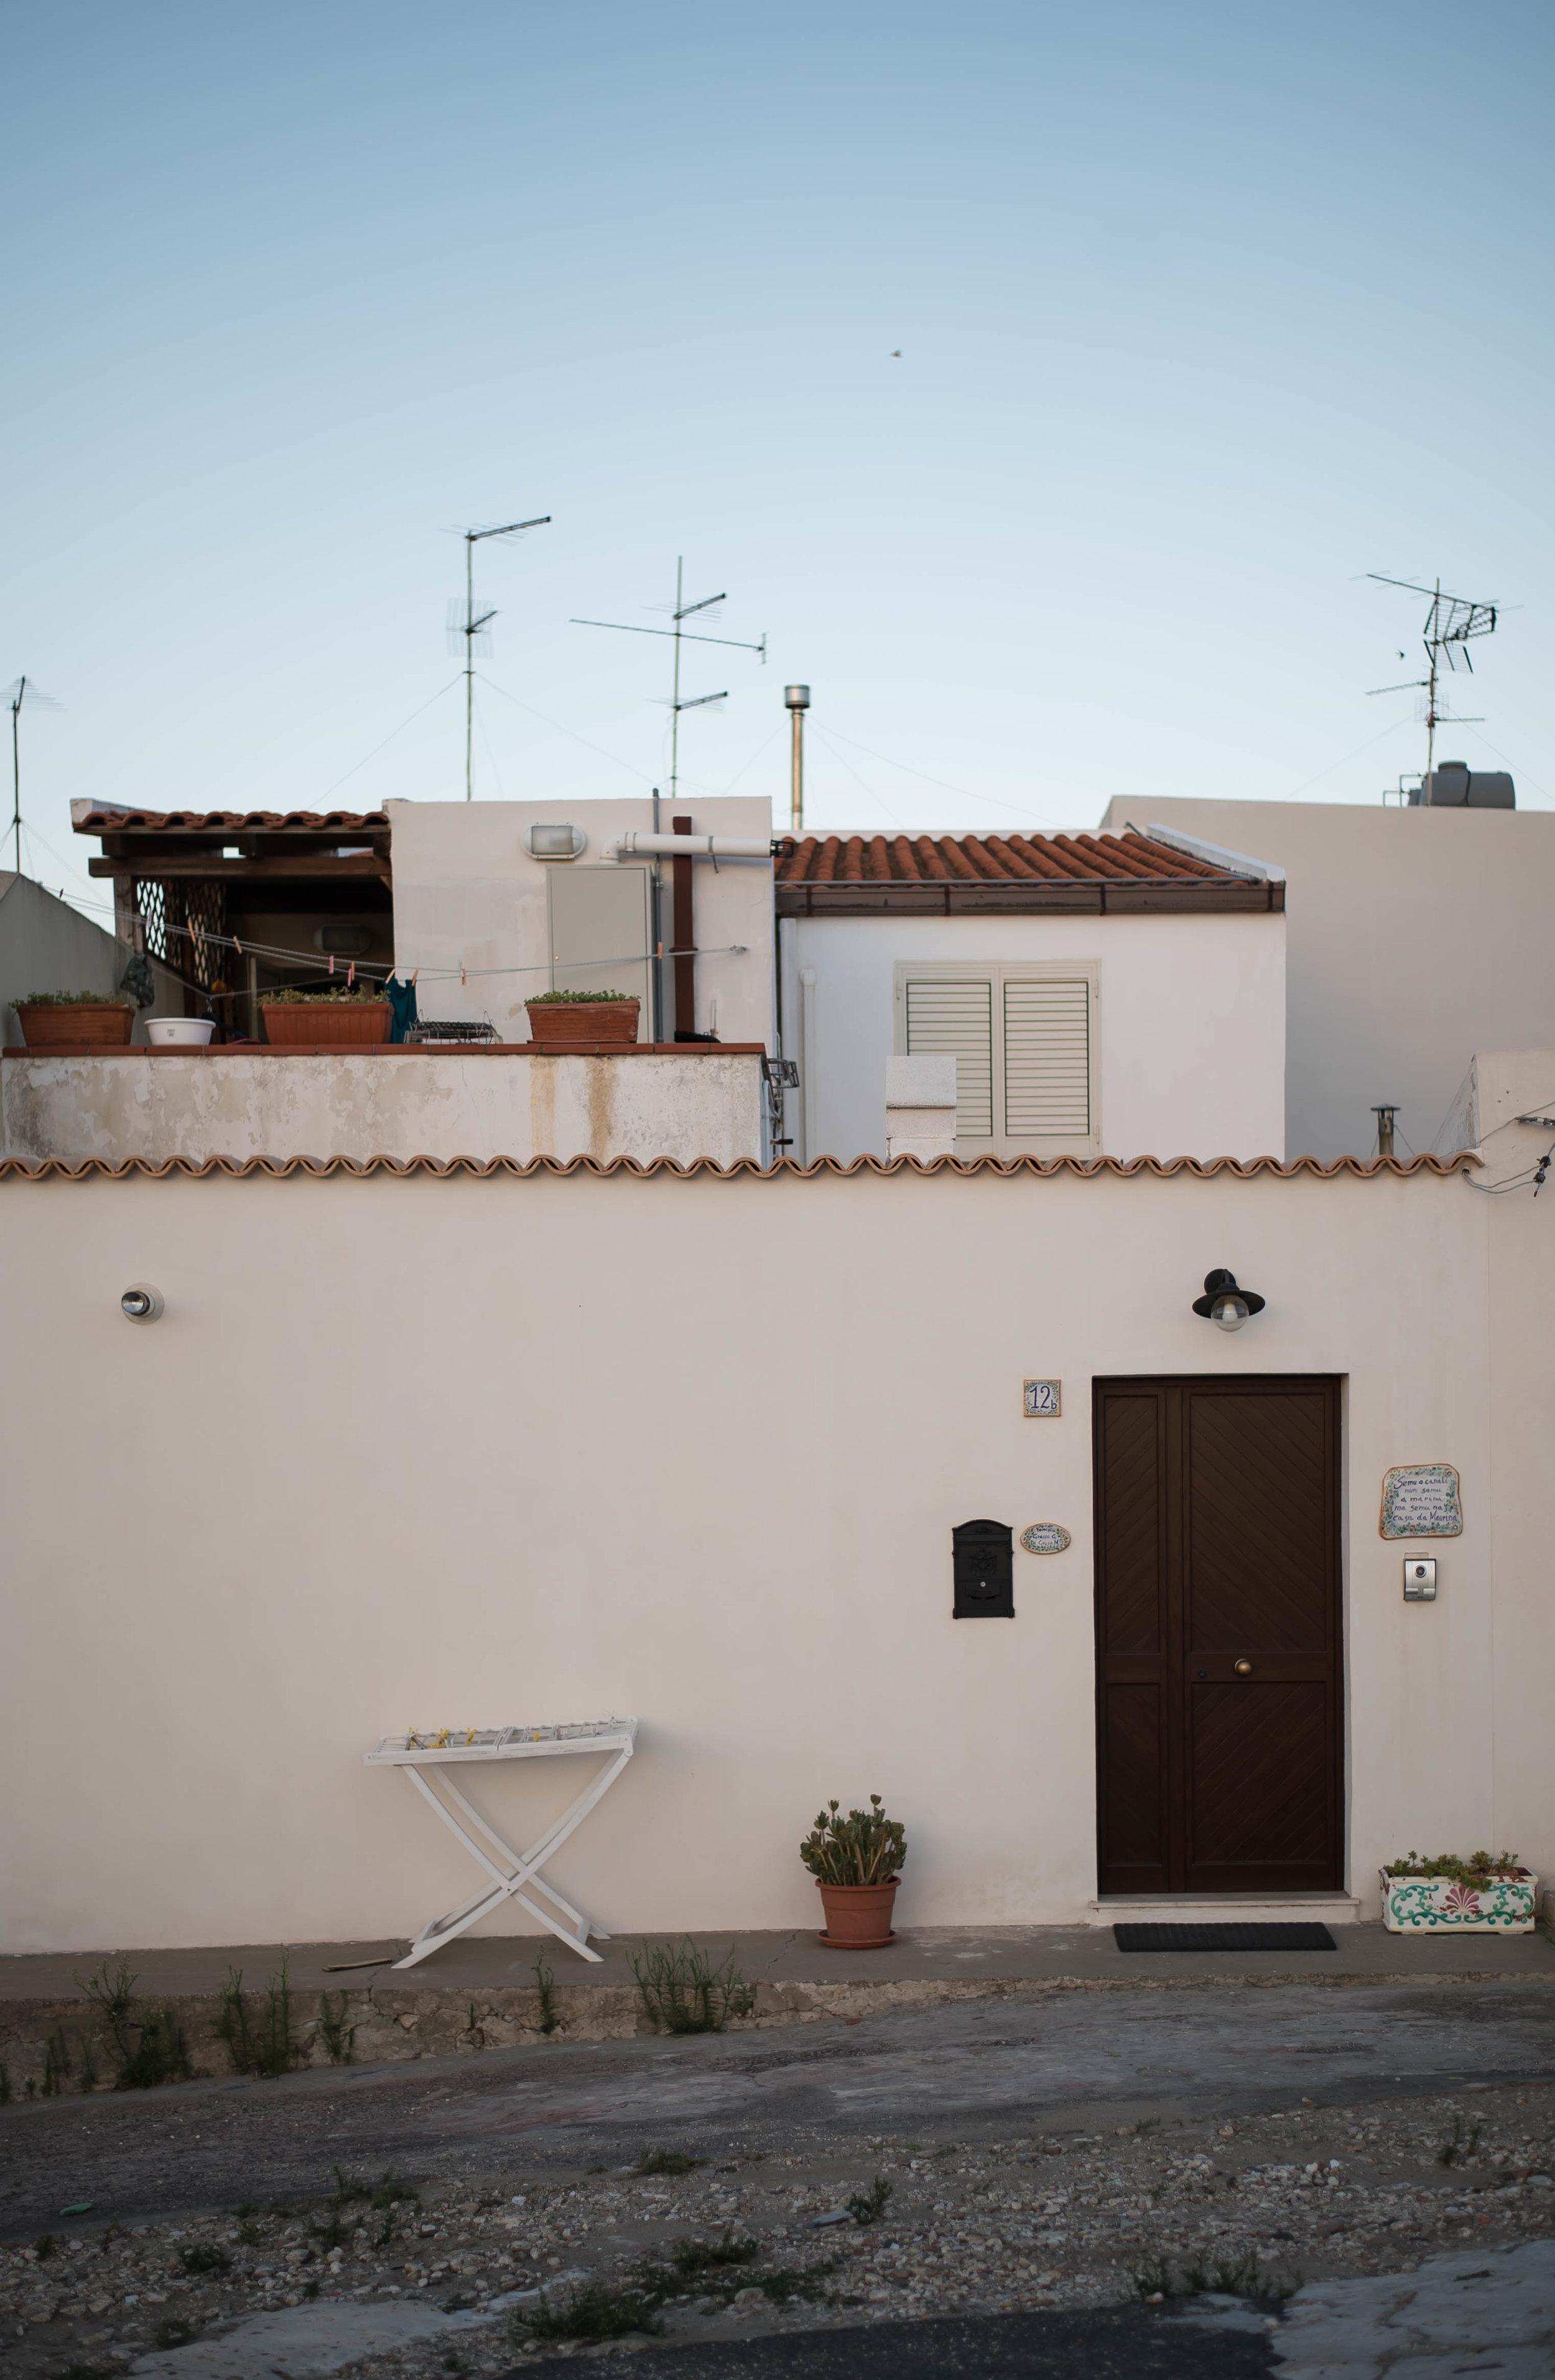 2015_09_23 brucoli_sicilia_italia houses 1 V1.jpg